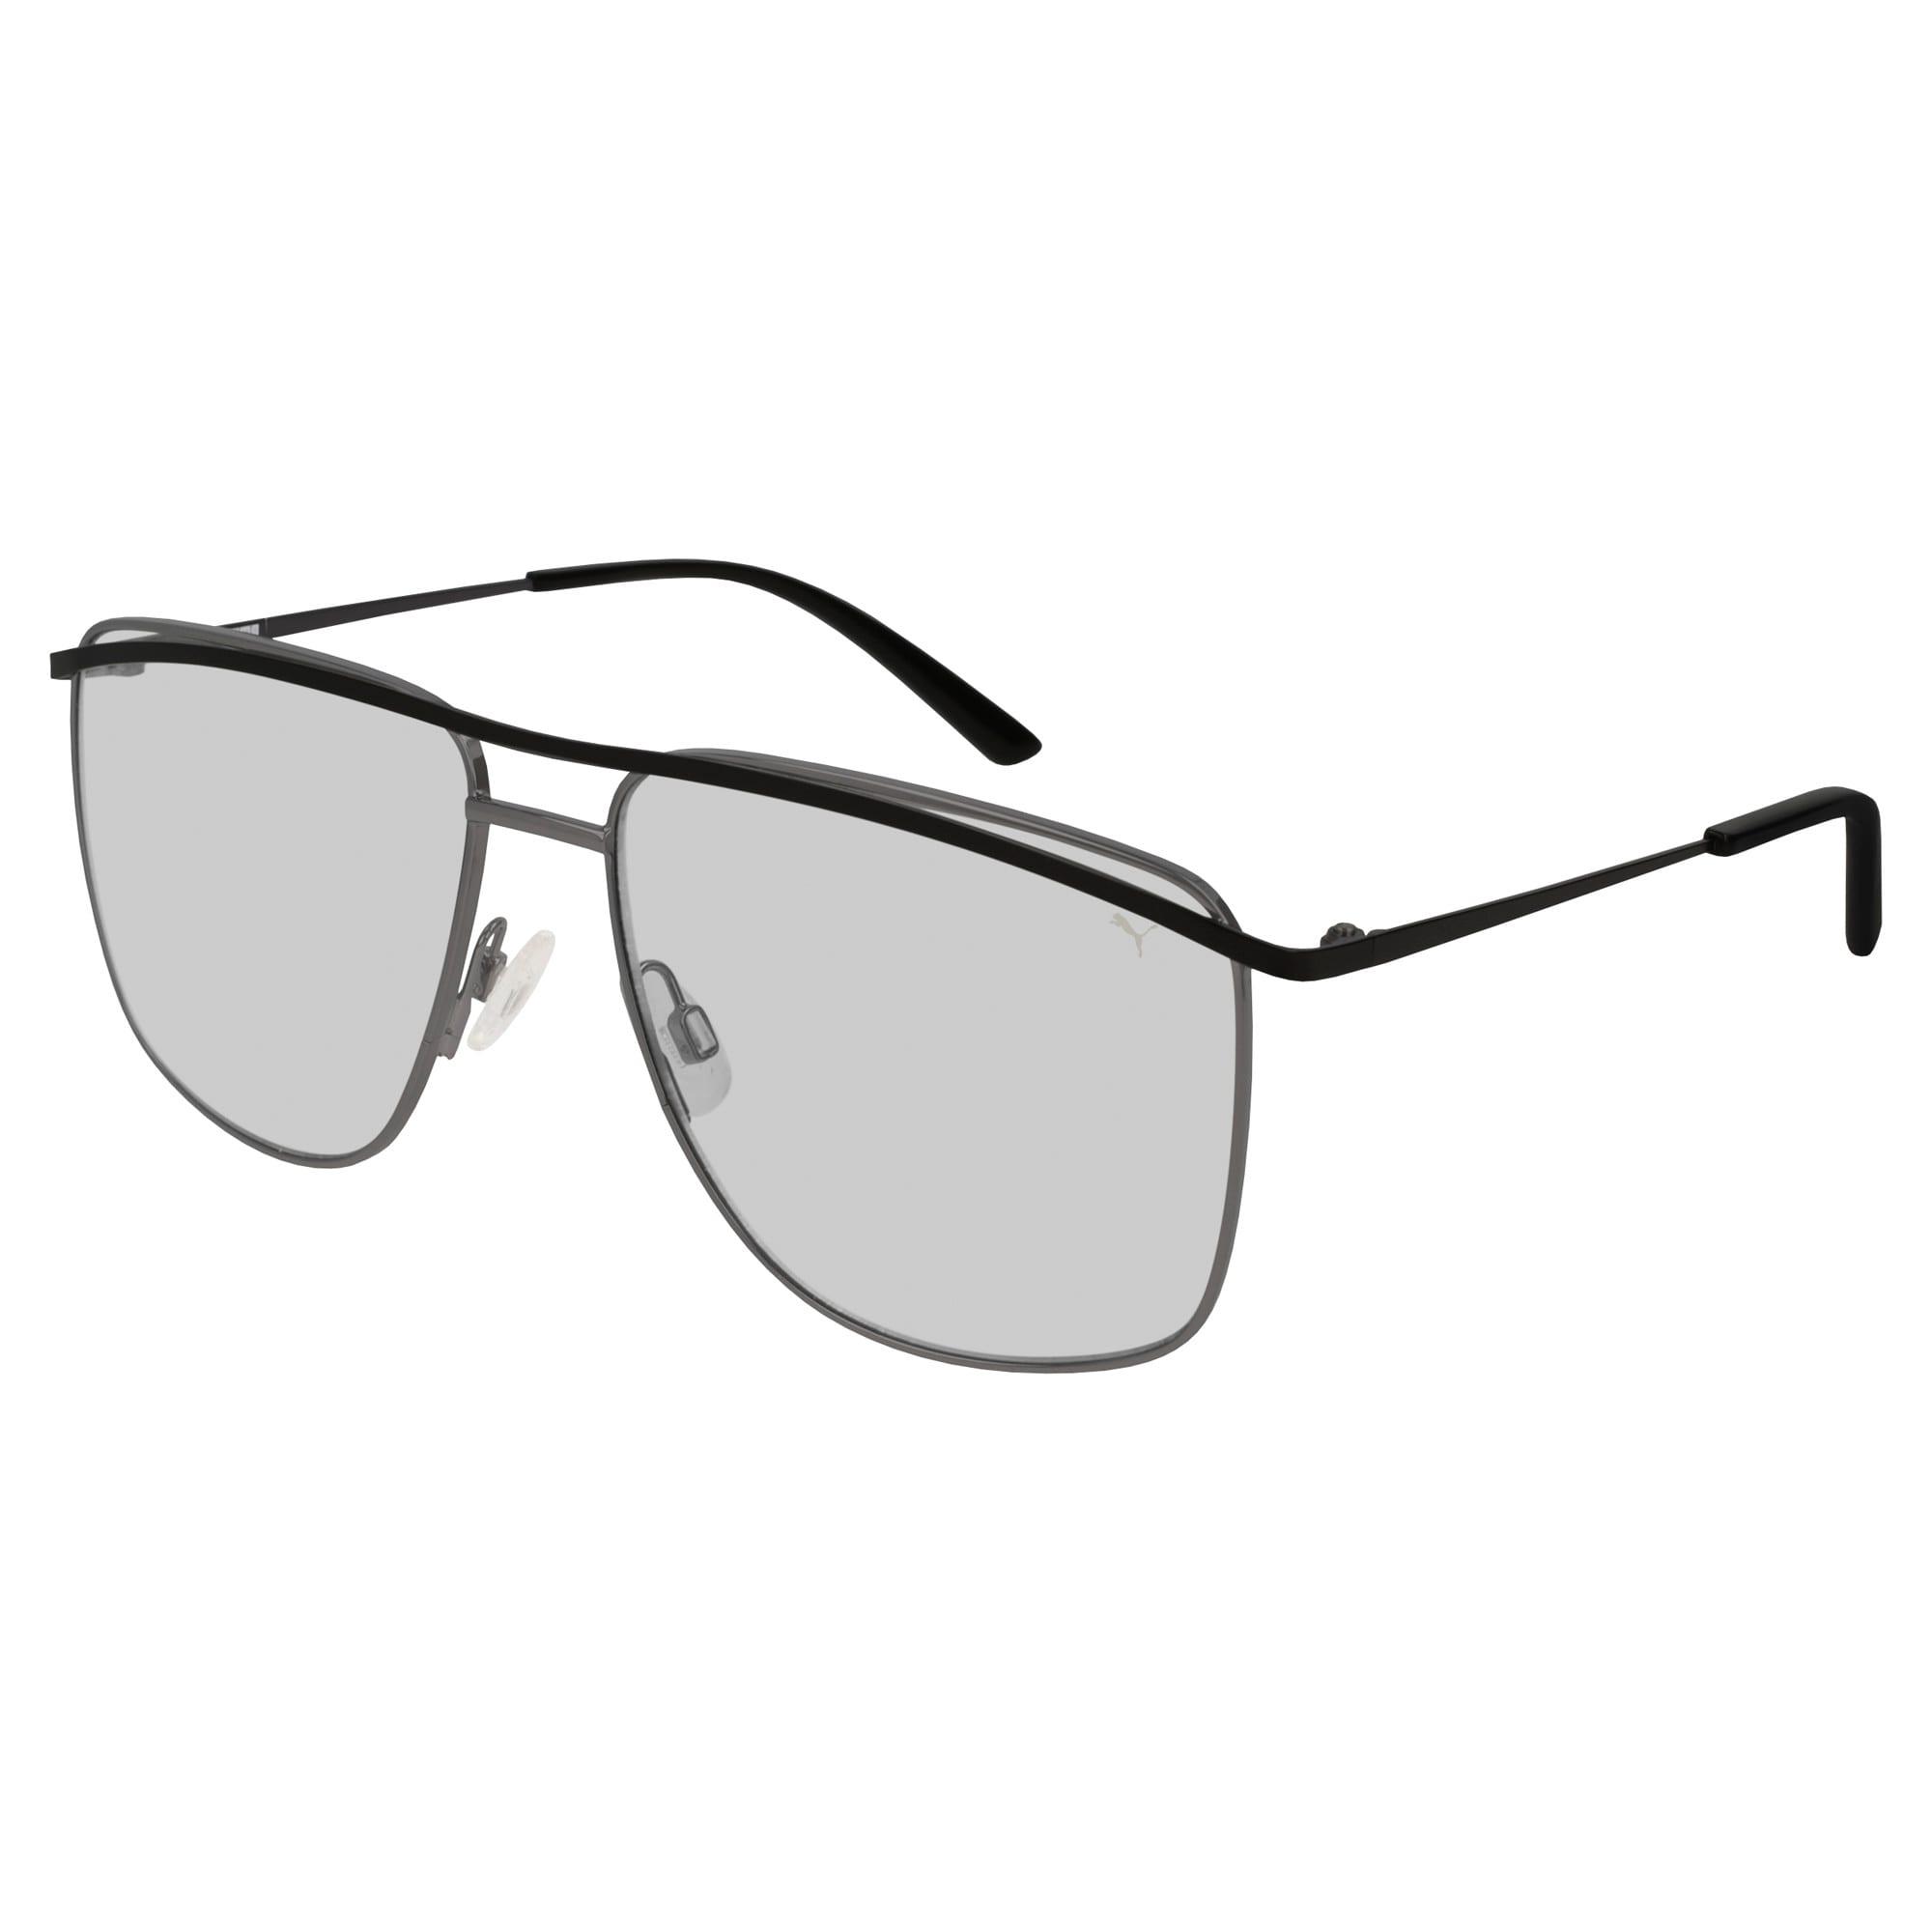 Zonnebrillen, Zwart/Grijs | PUMA